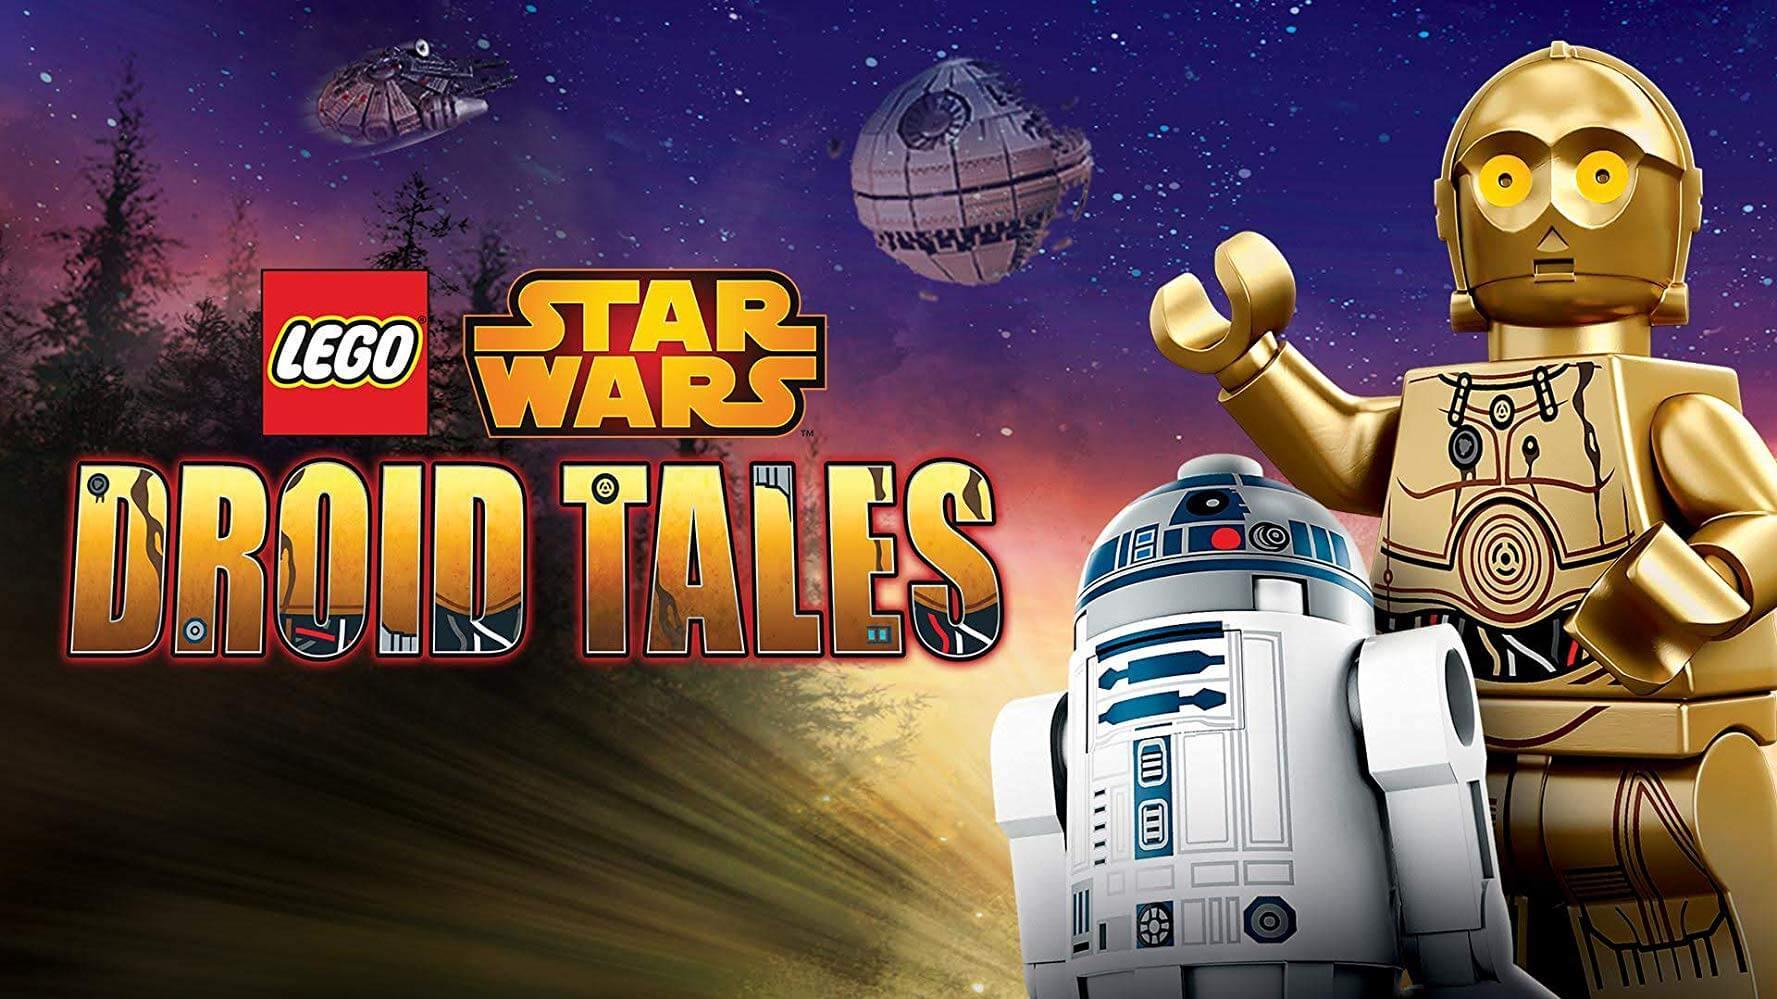 Lego Star Wars: Droid Tales. Foto: Disney